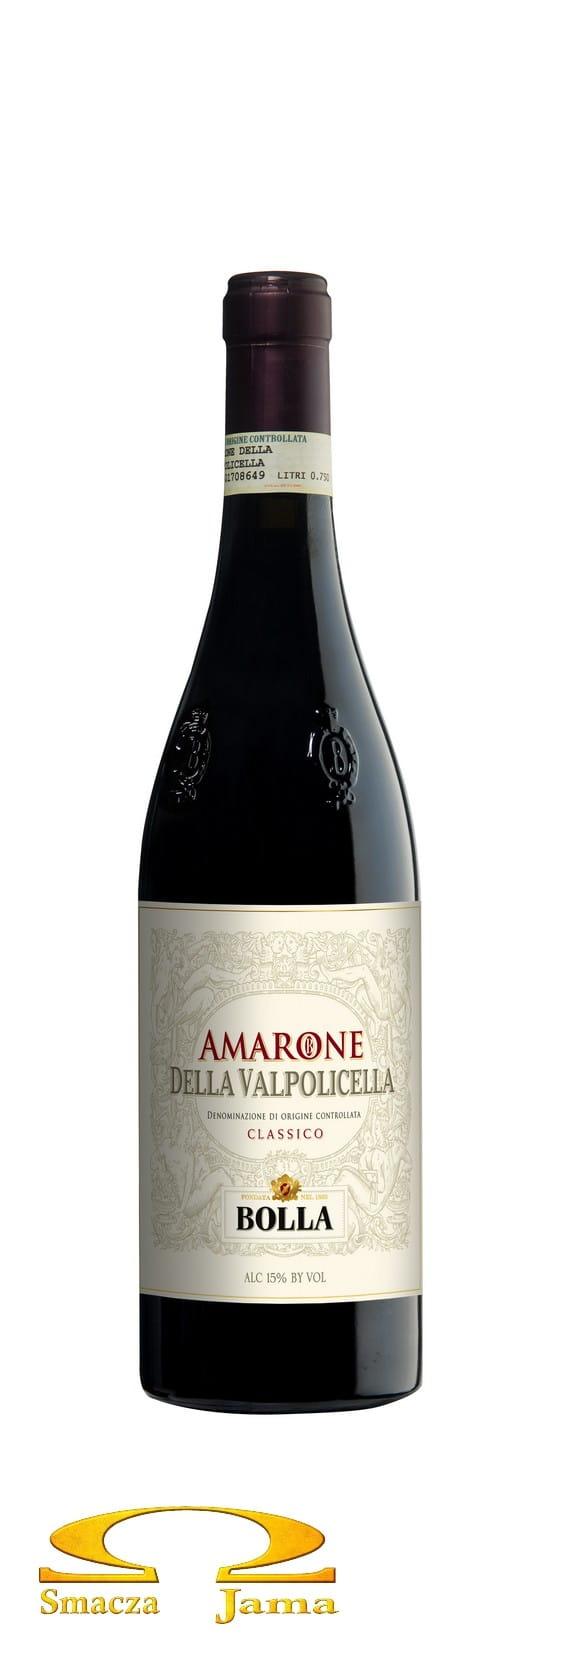 Wino Amarone della Valpolicella Bolla 0,75l